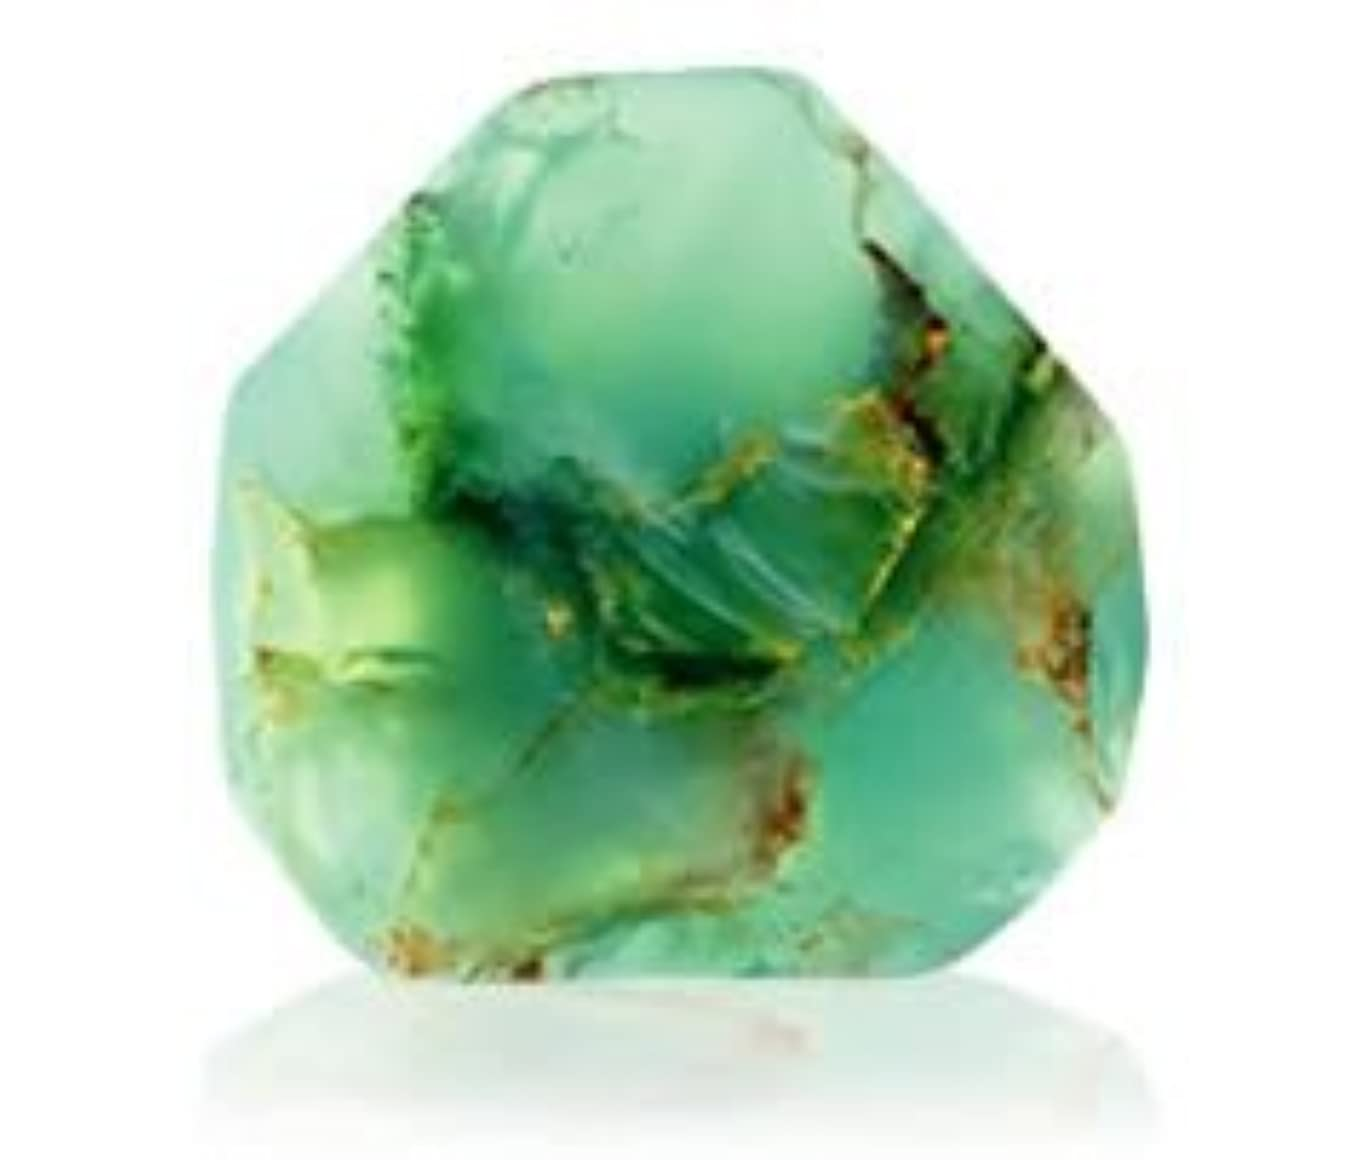 移行する渇き人工Savons Gemme サボンジェム 世界で一番美しい宝石石鹸 フレグランスソープ ジェイド 170g